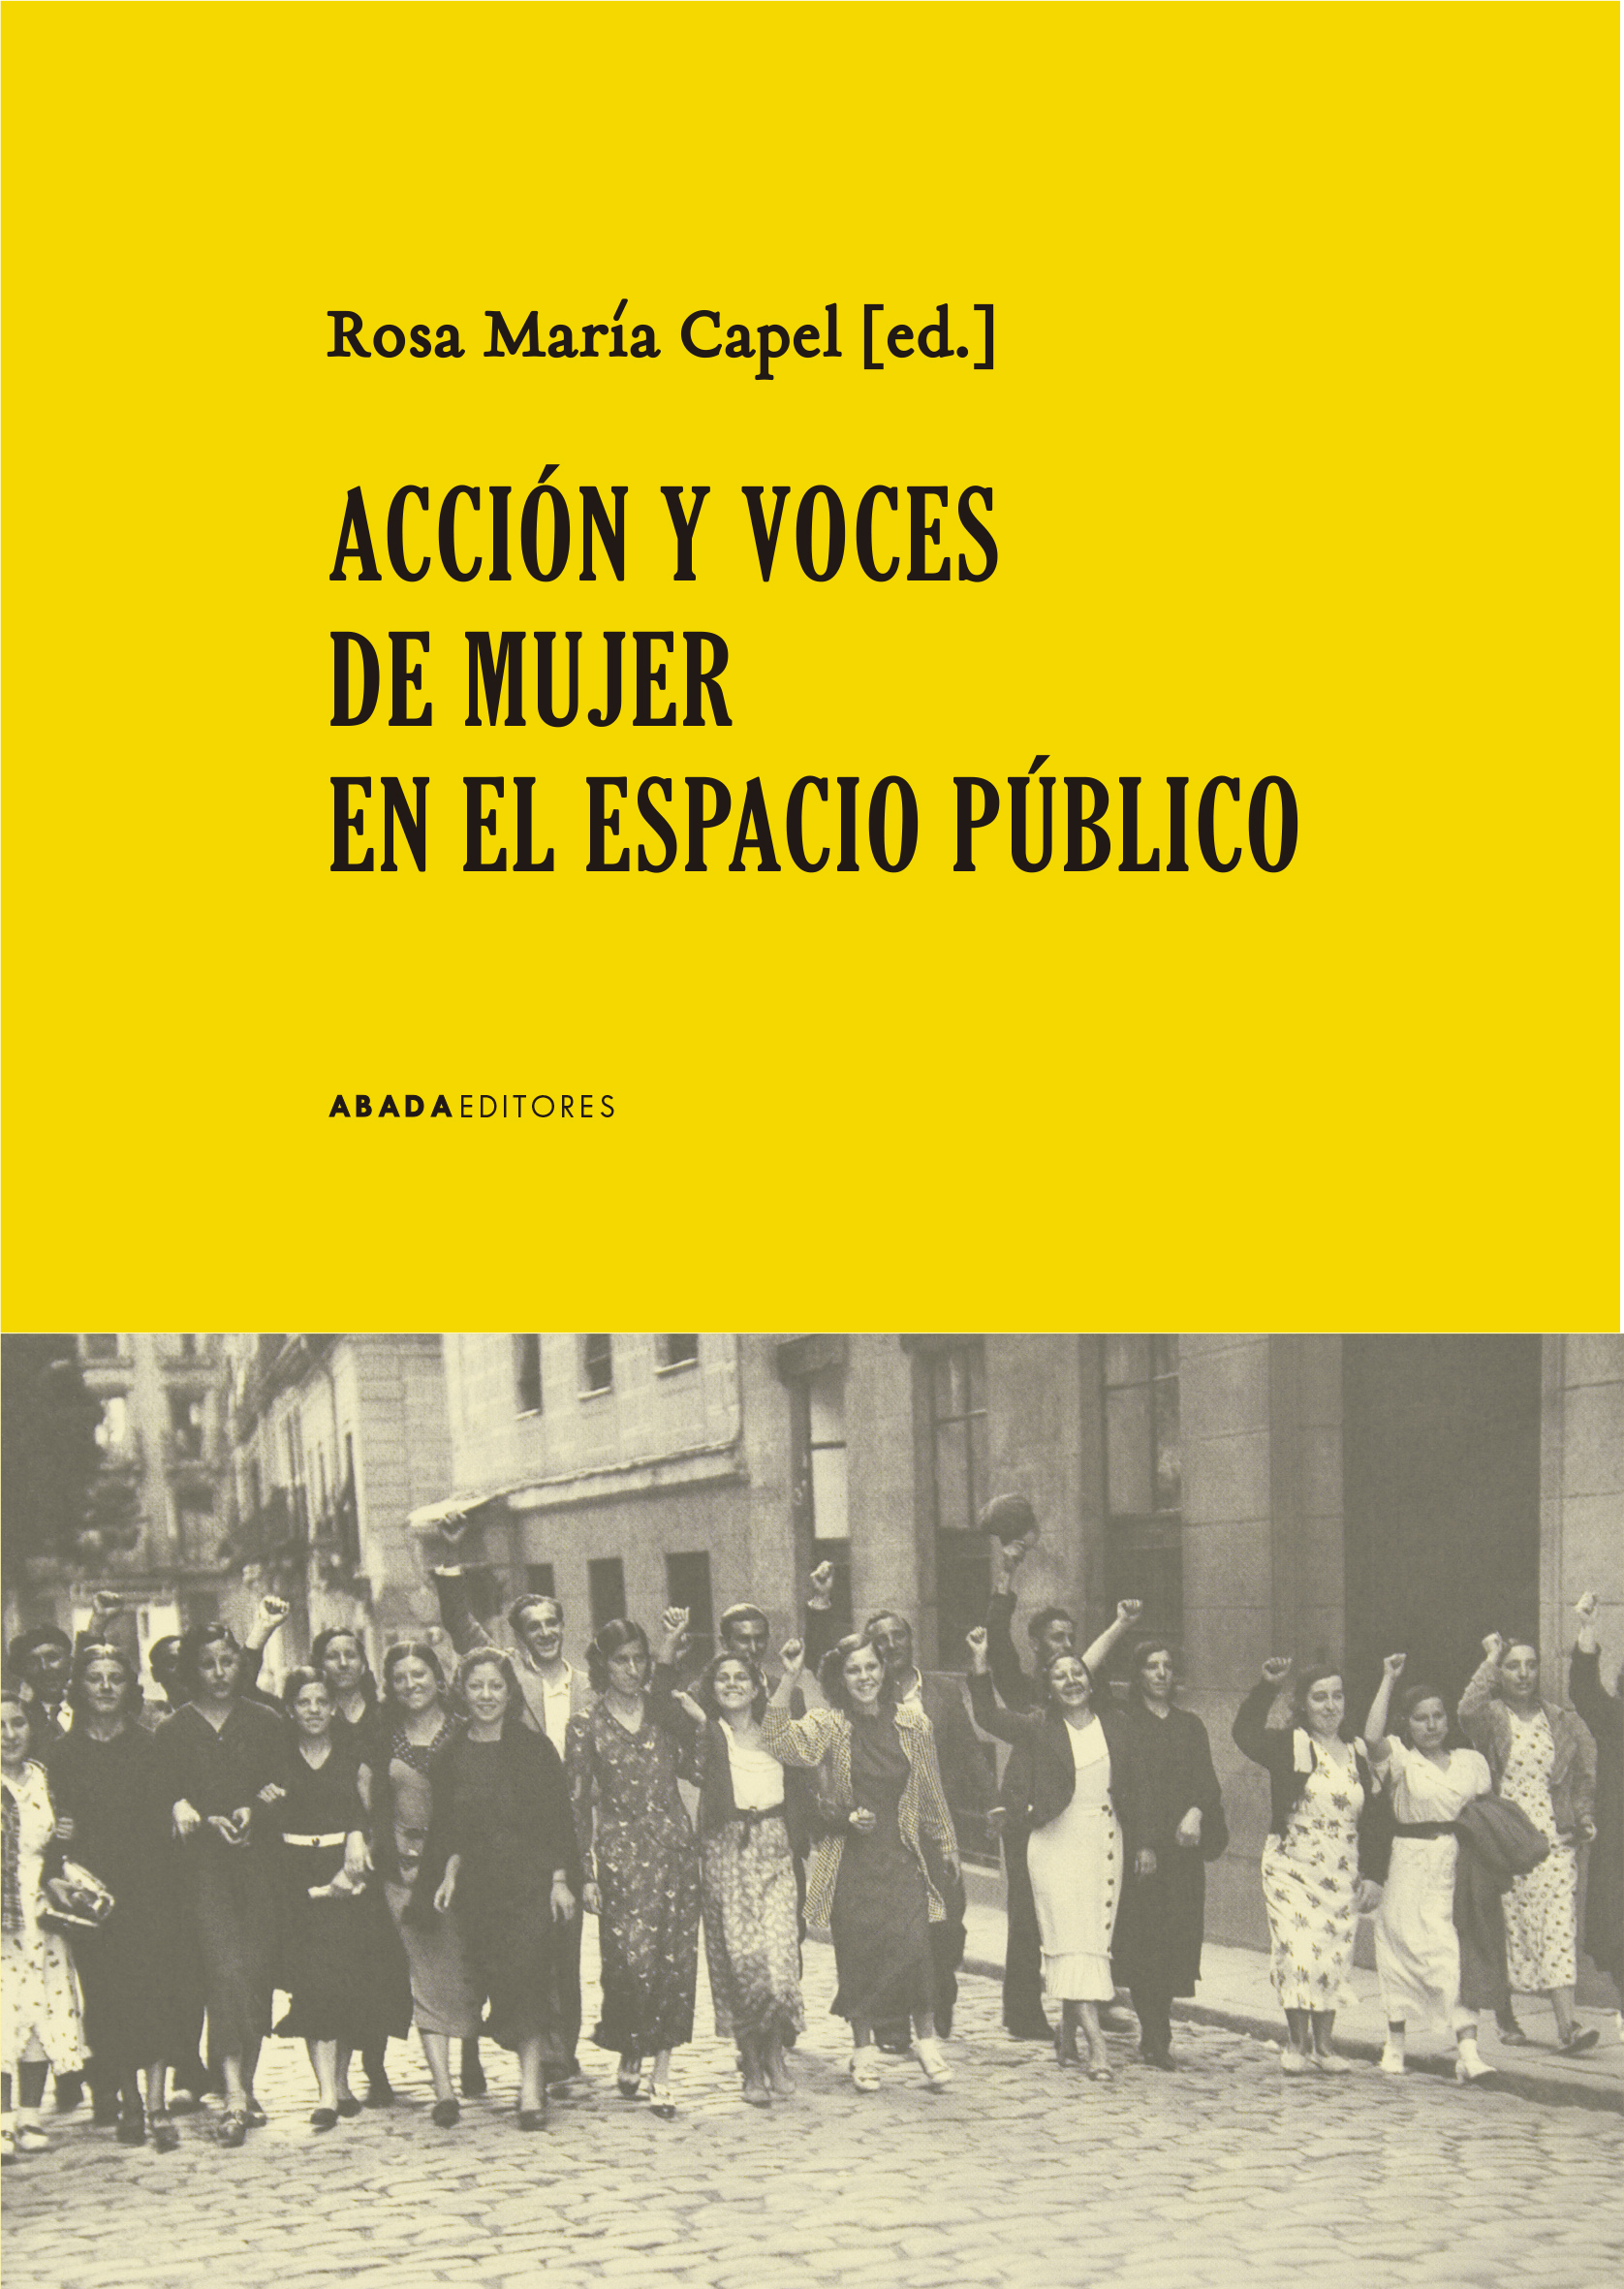 Acción y voces de mujer en el espacio público